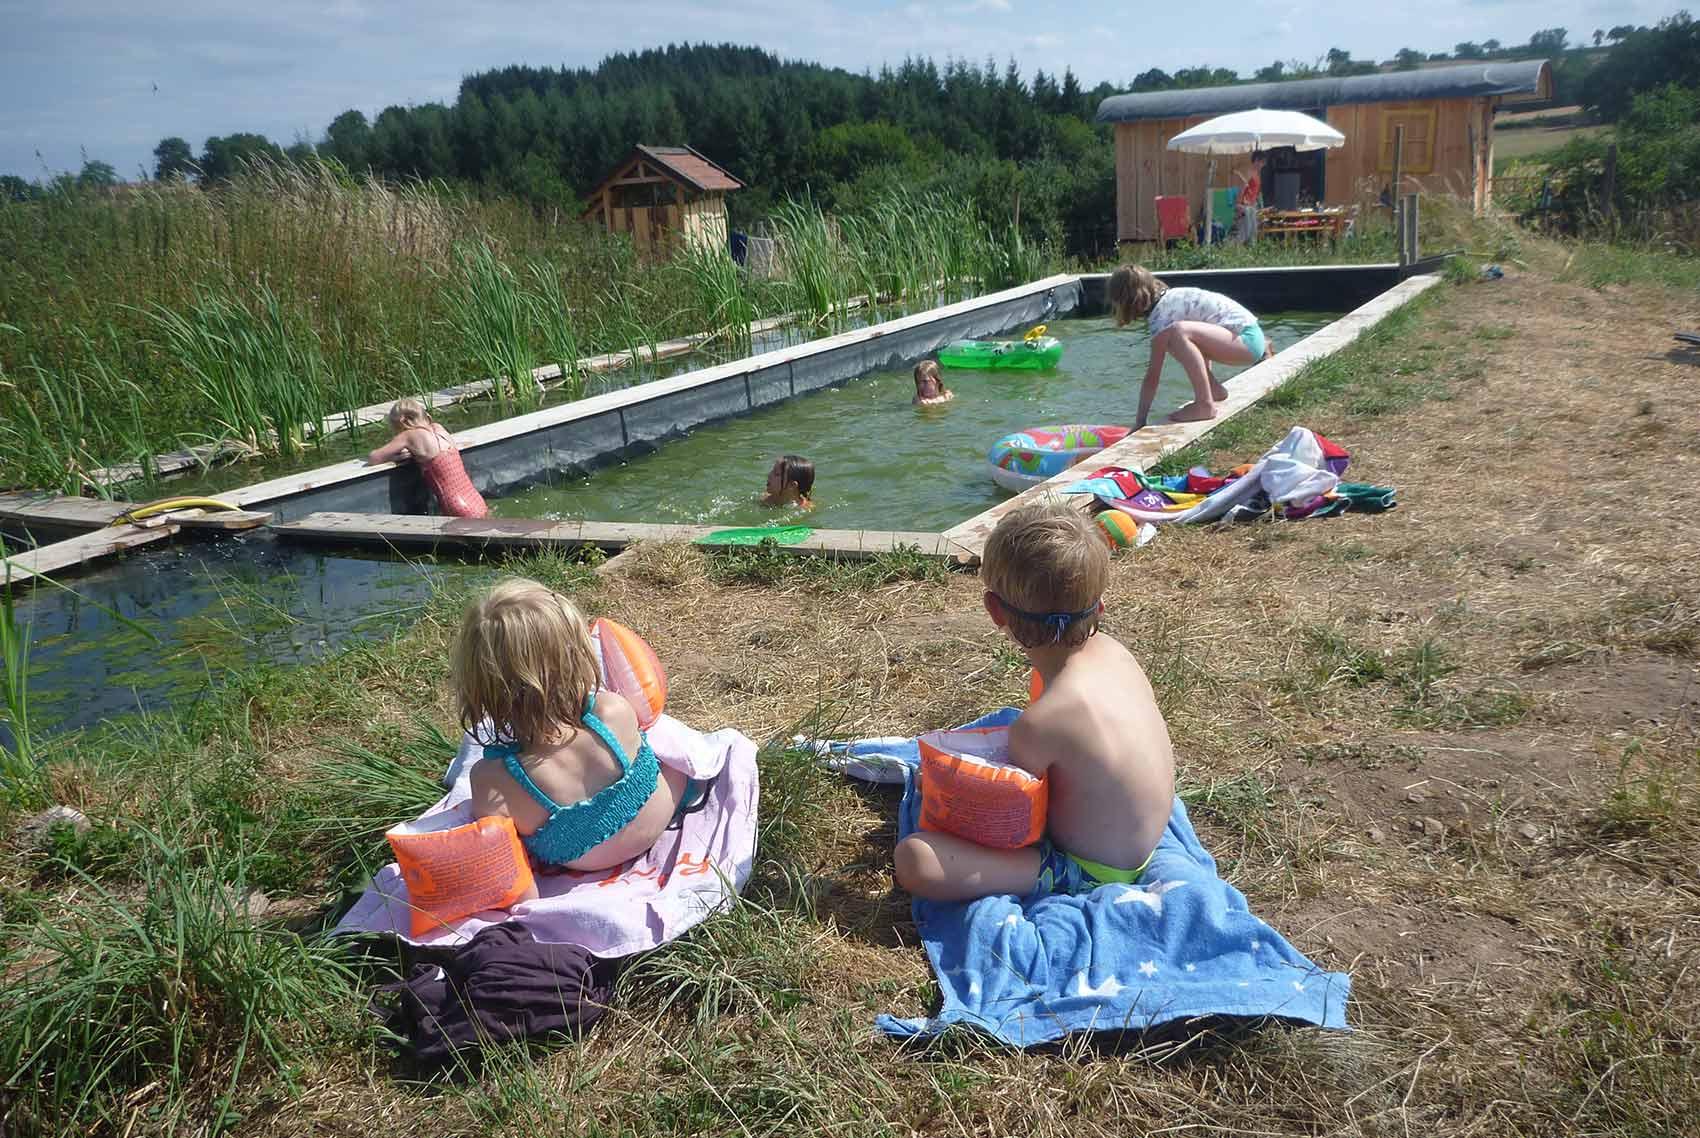 kleinschalige camping - Brénazet - zwemvijver